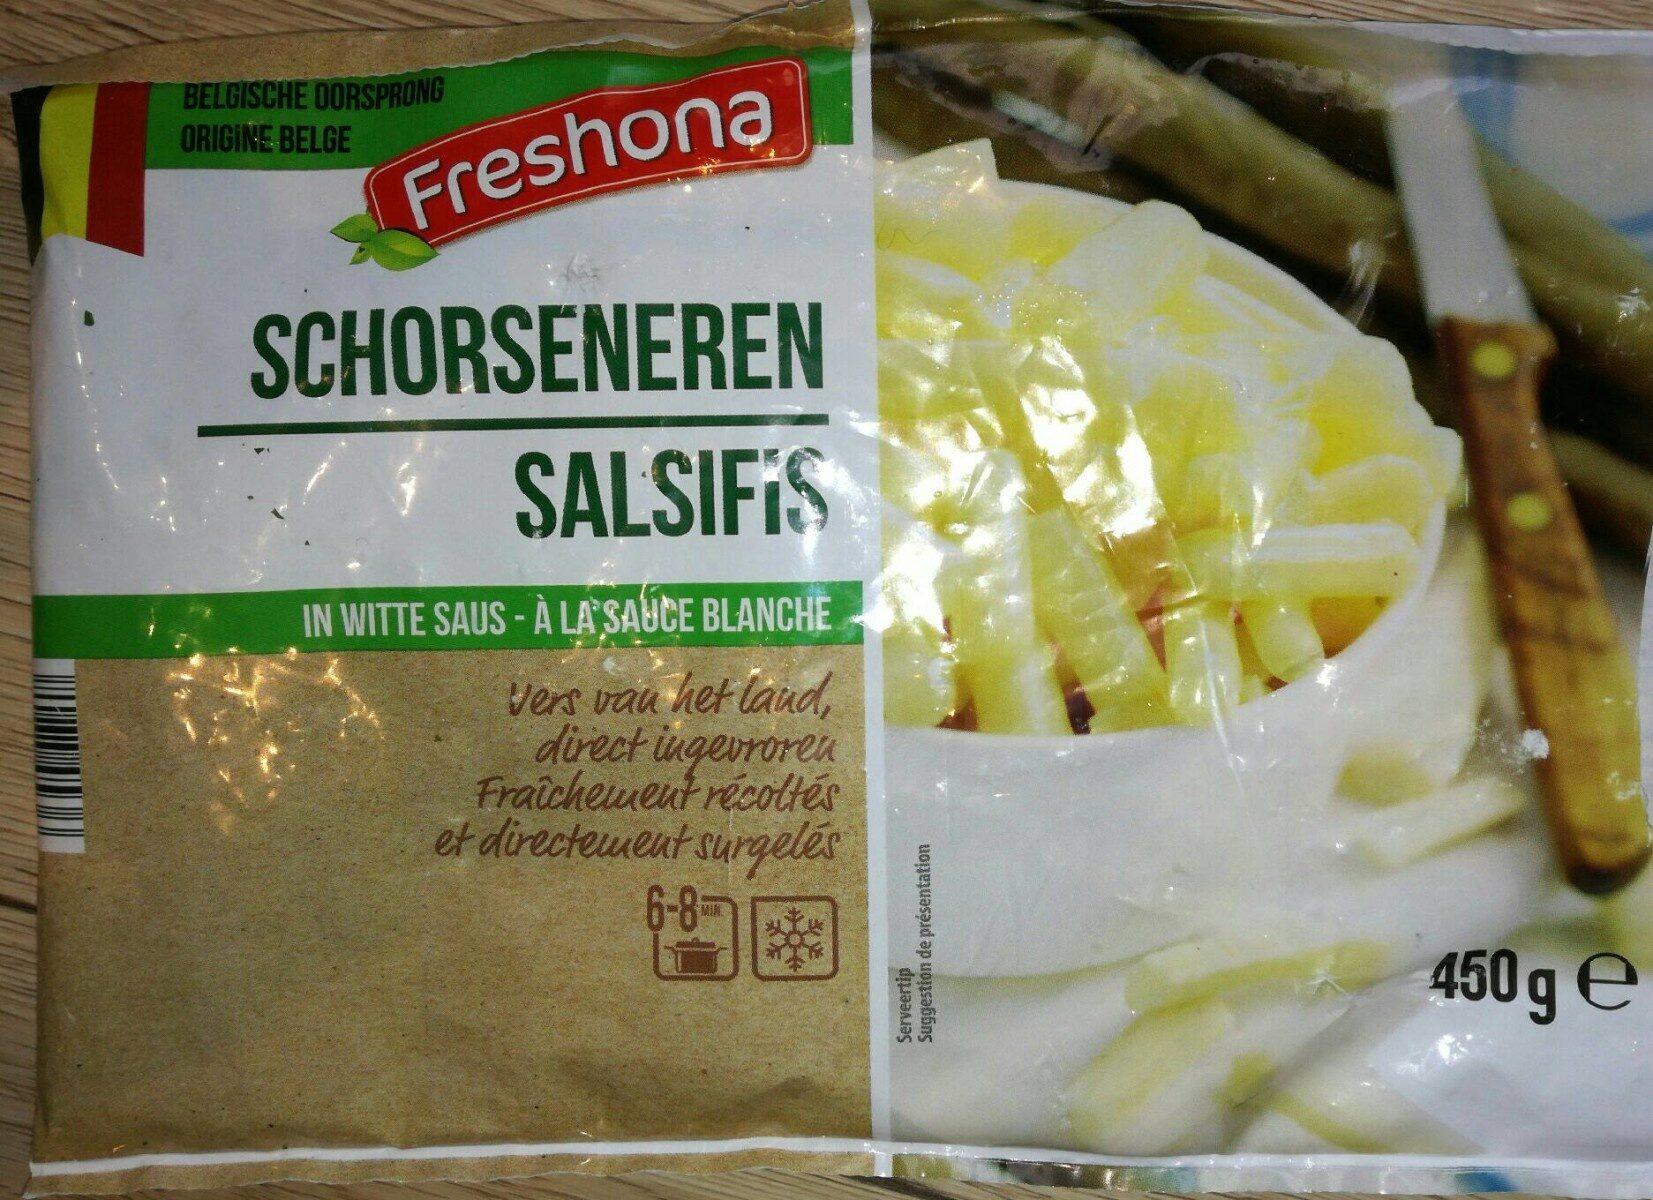 Salsifis à la sauce blanche - Produit